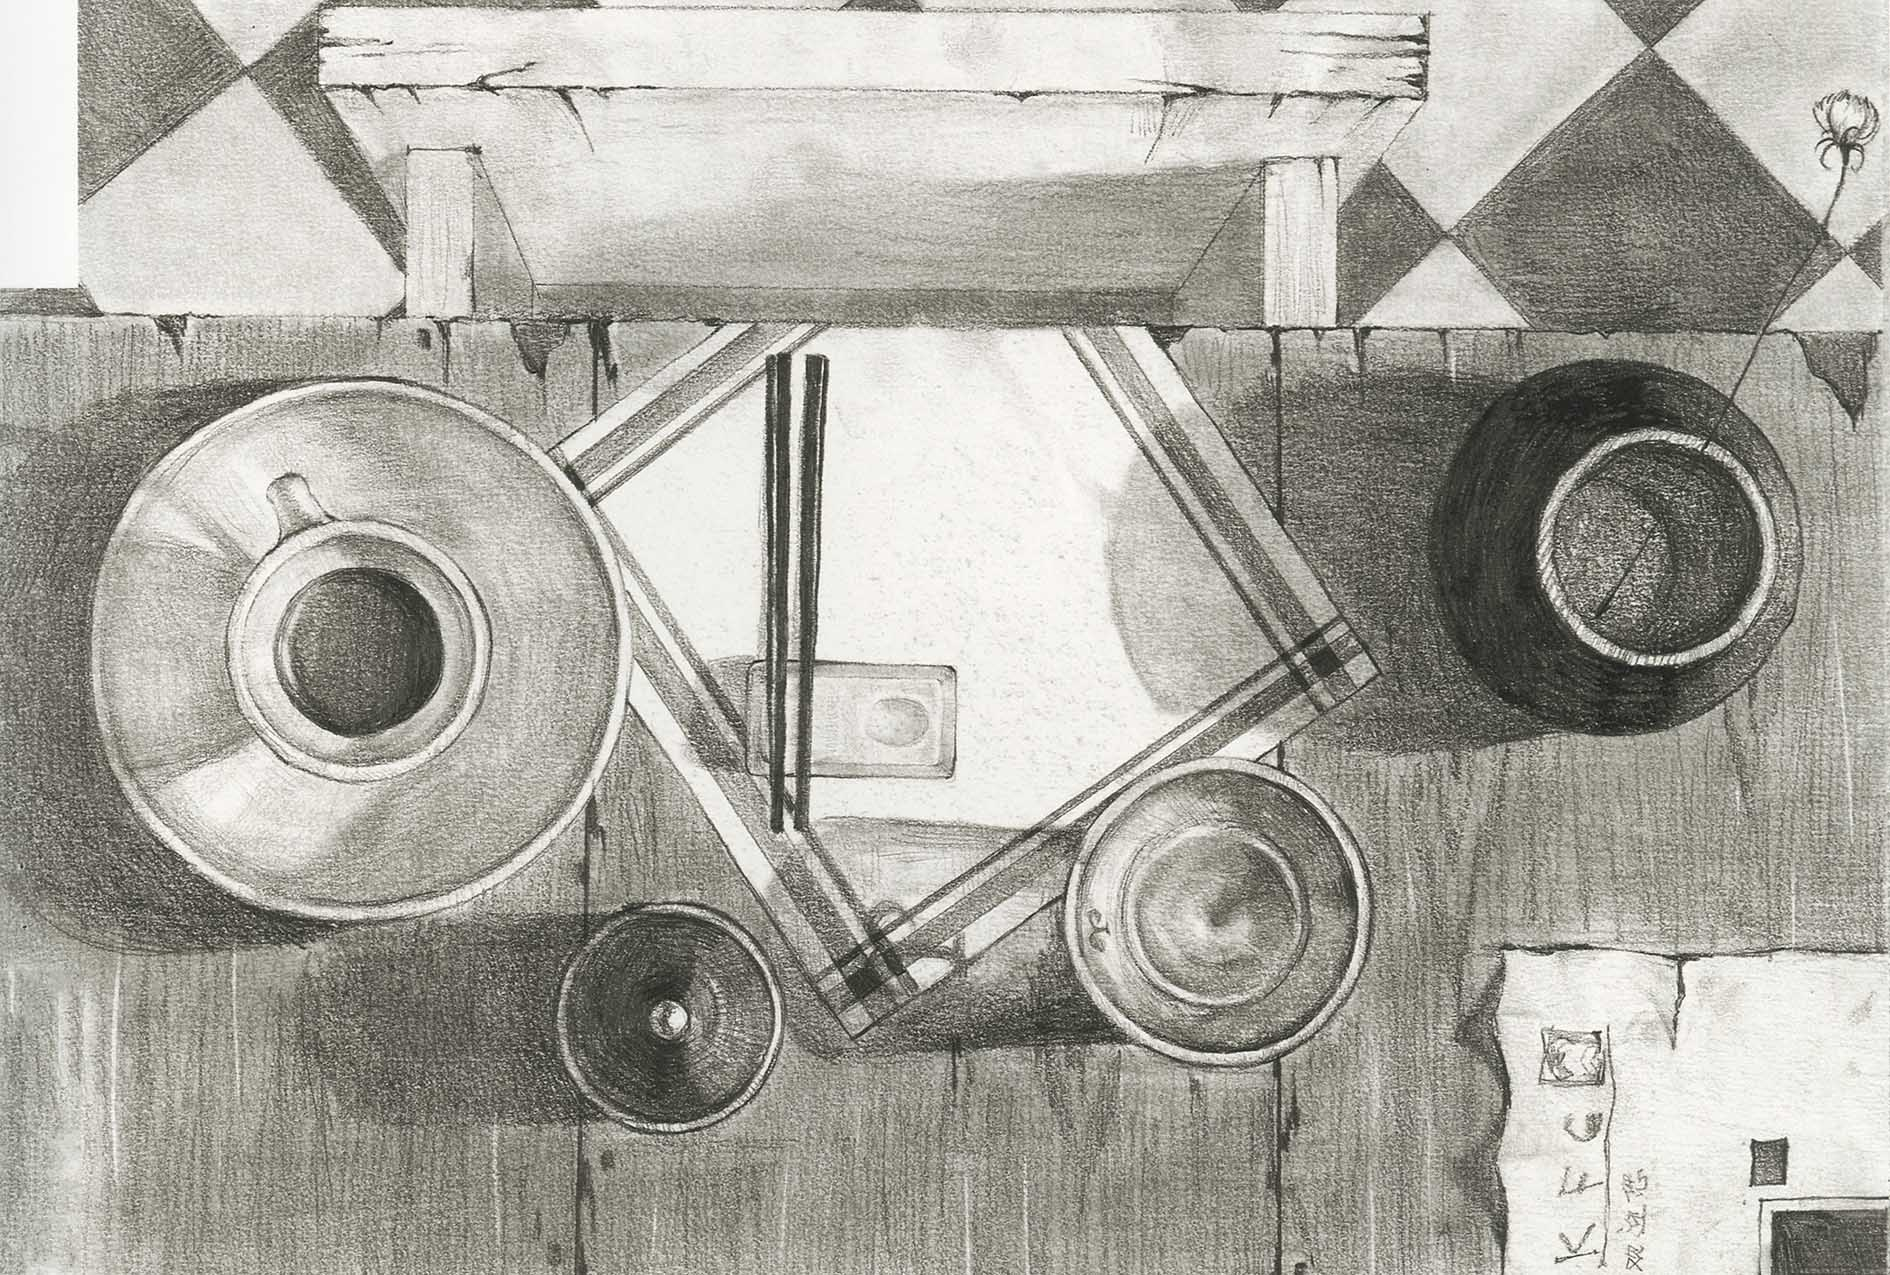 《解密高分卷-清华篇》之设计素描